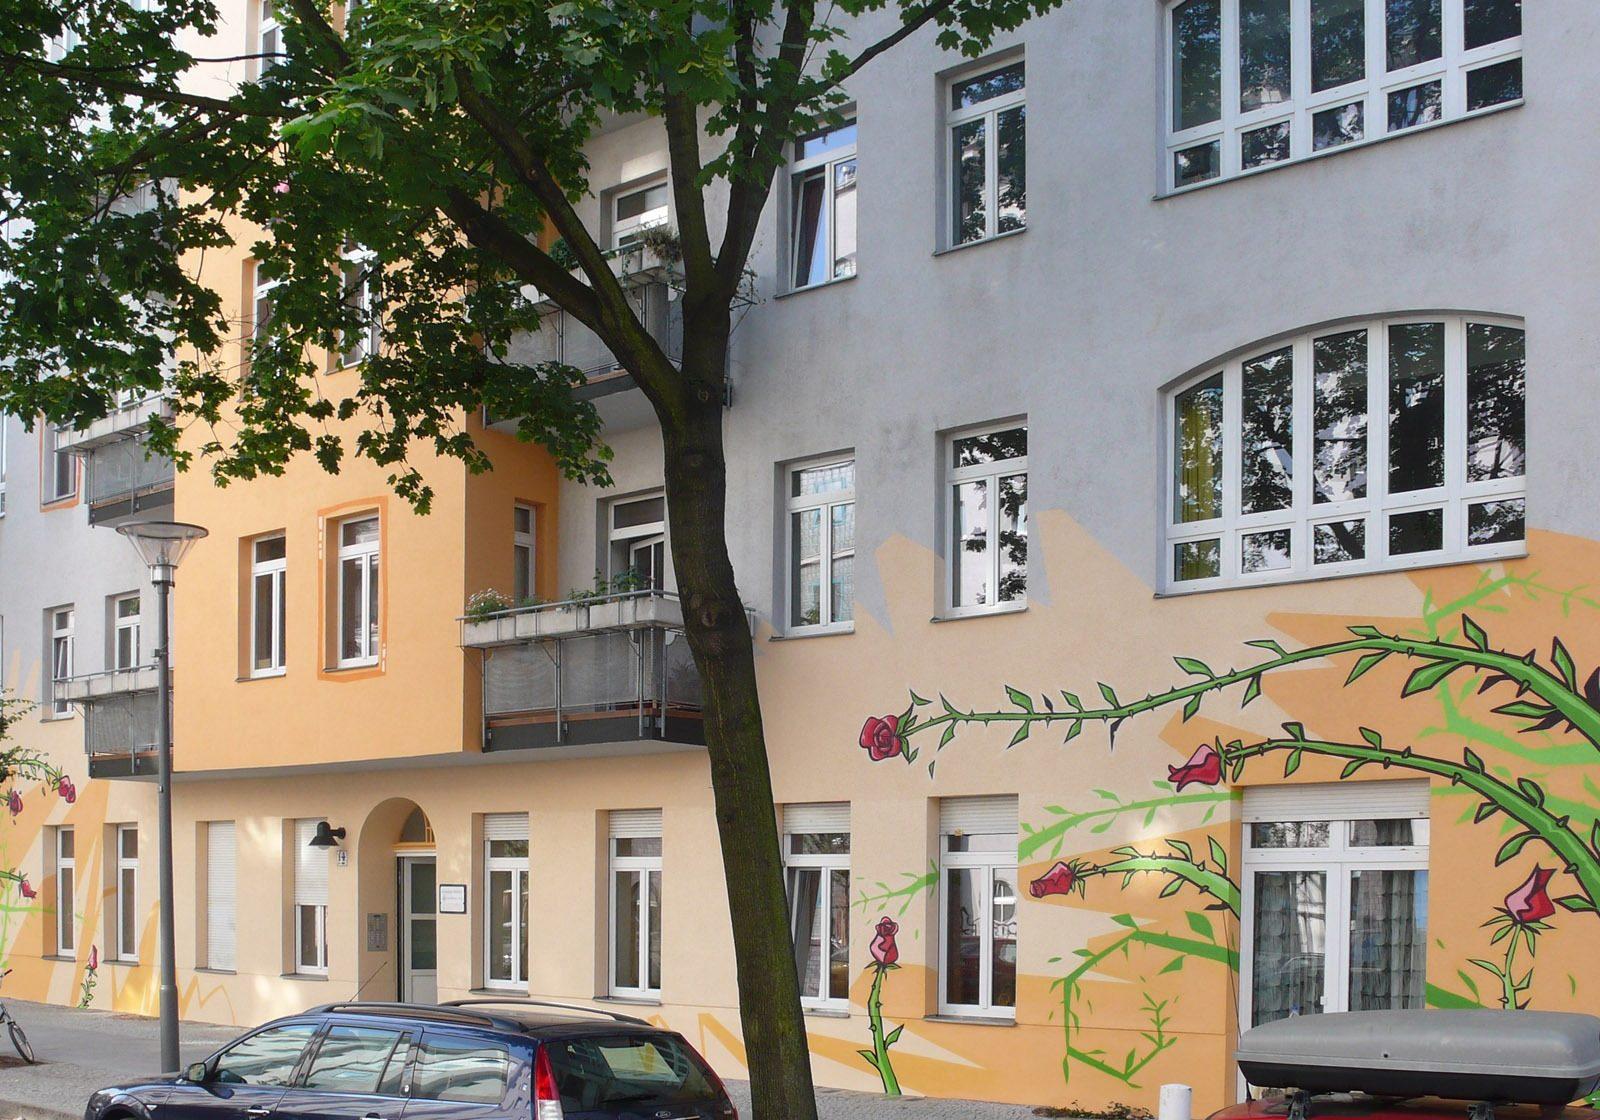 graffitiauftrag_graffitikuenstler_artmos4_basquiat_baugenossenschaft_berlin_rosen_pflanzen_illustrativ